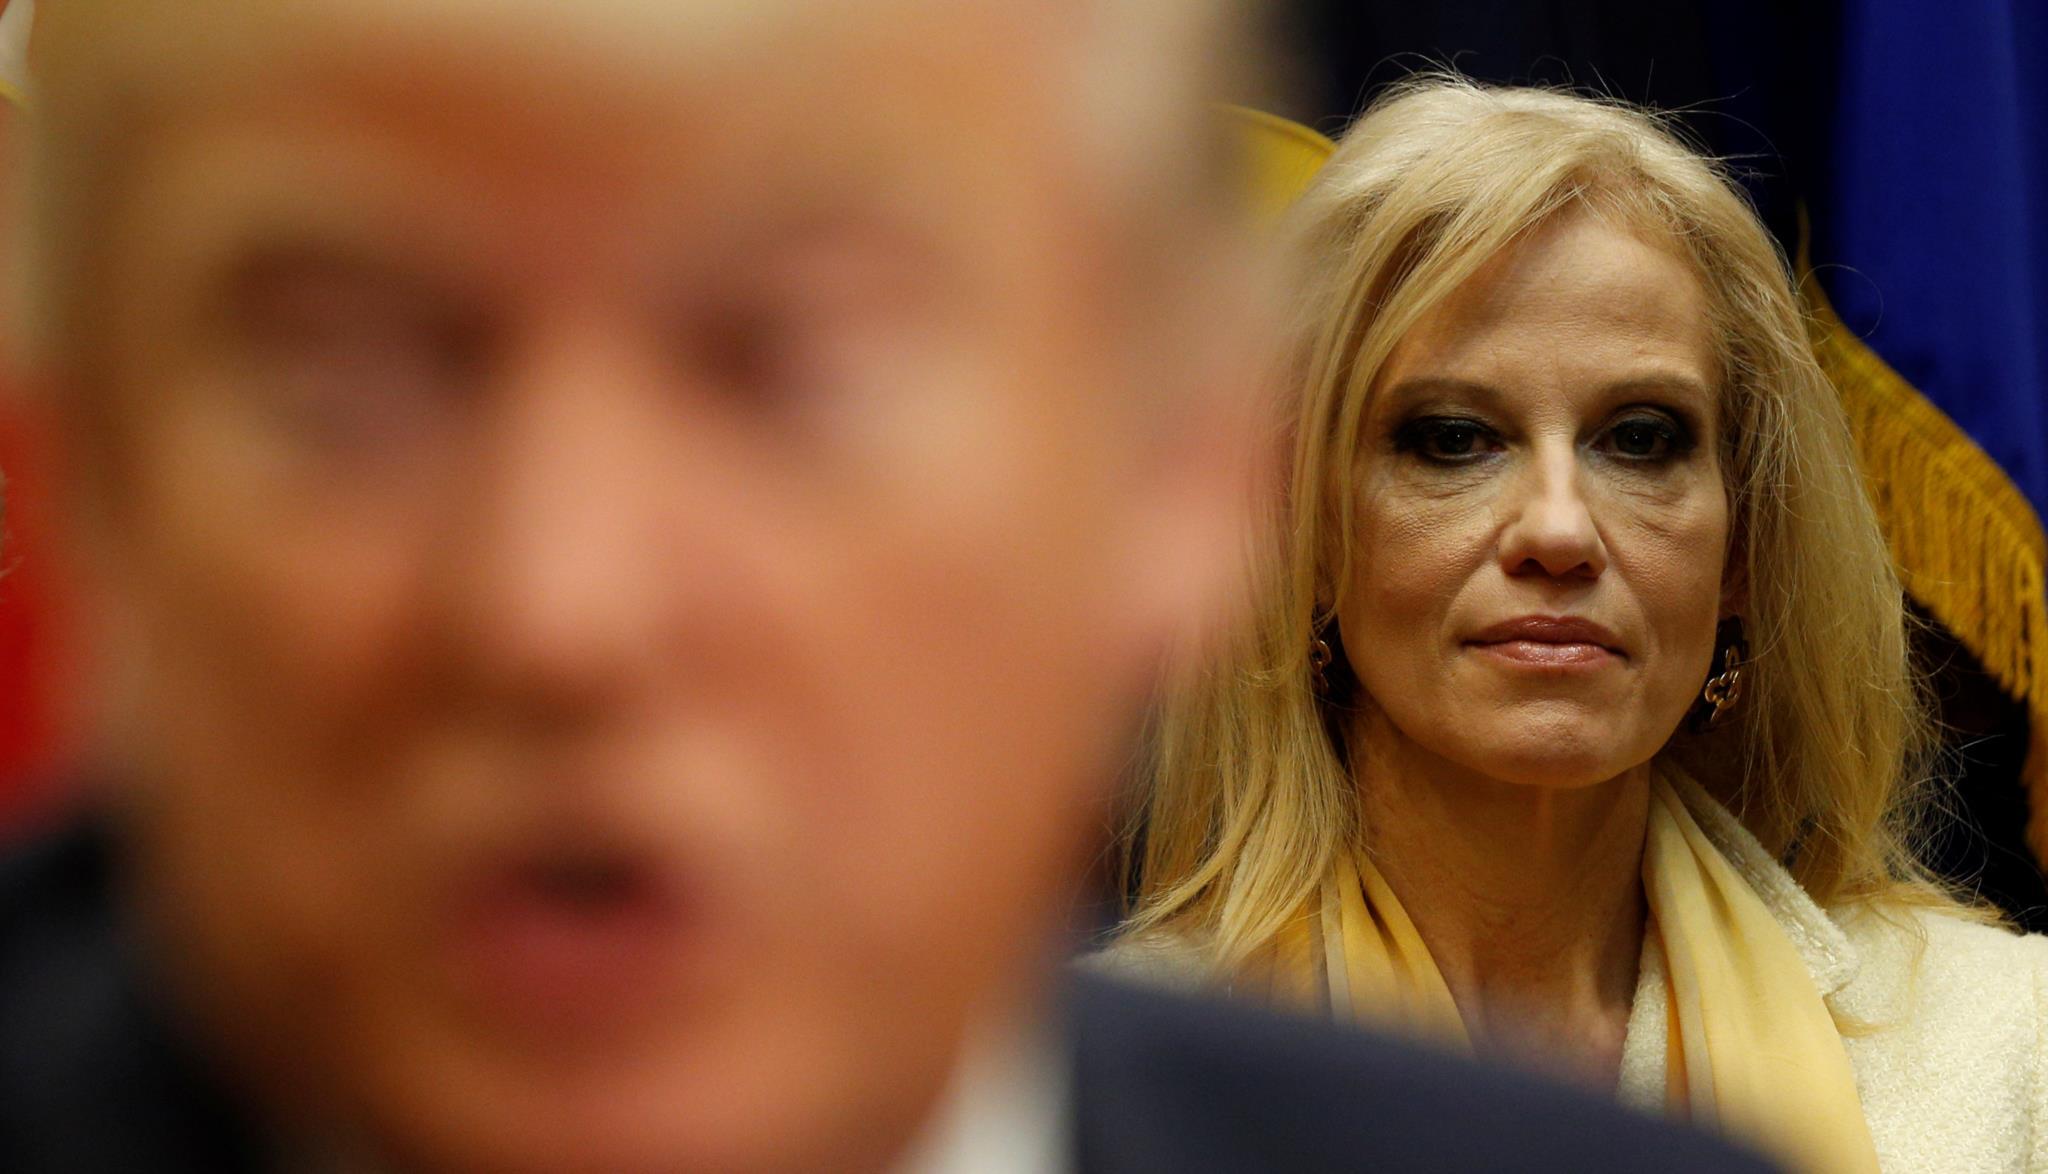 A conselheira da Casa Branca Kellyanne Conway inventou um ataque terrorista no Kentucky, Trump alegou que os media não noticiam os atentados